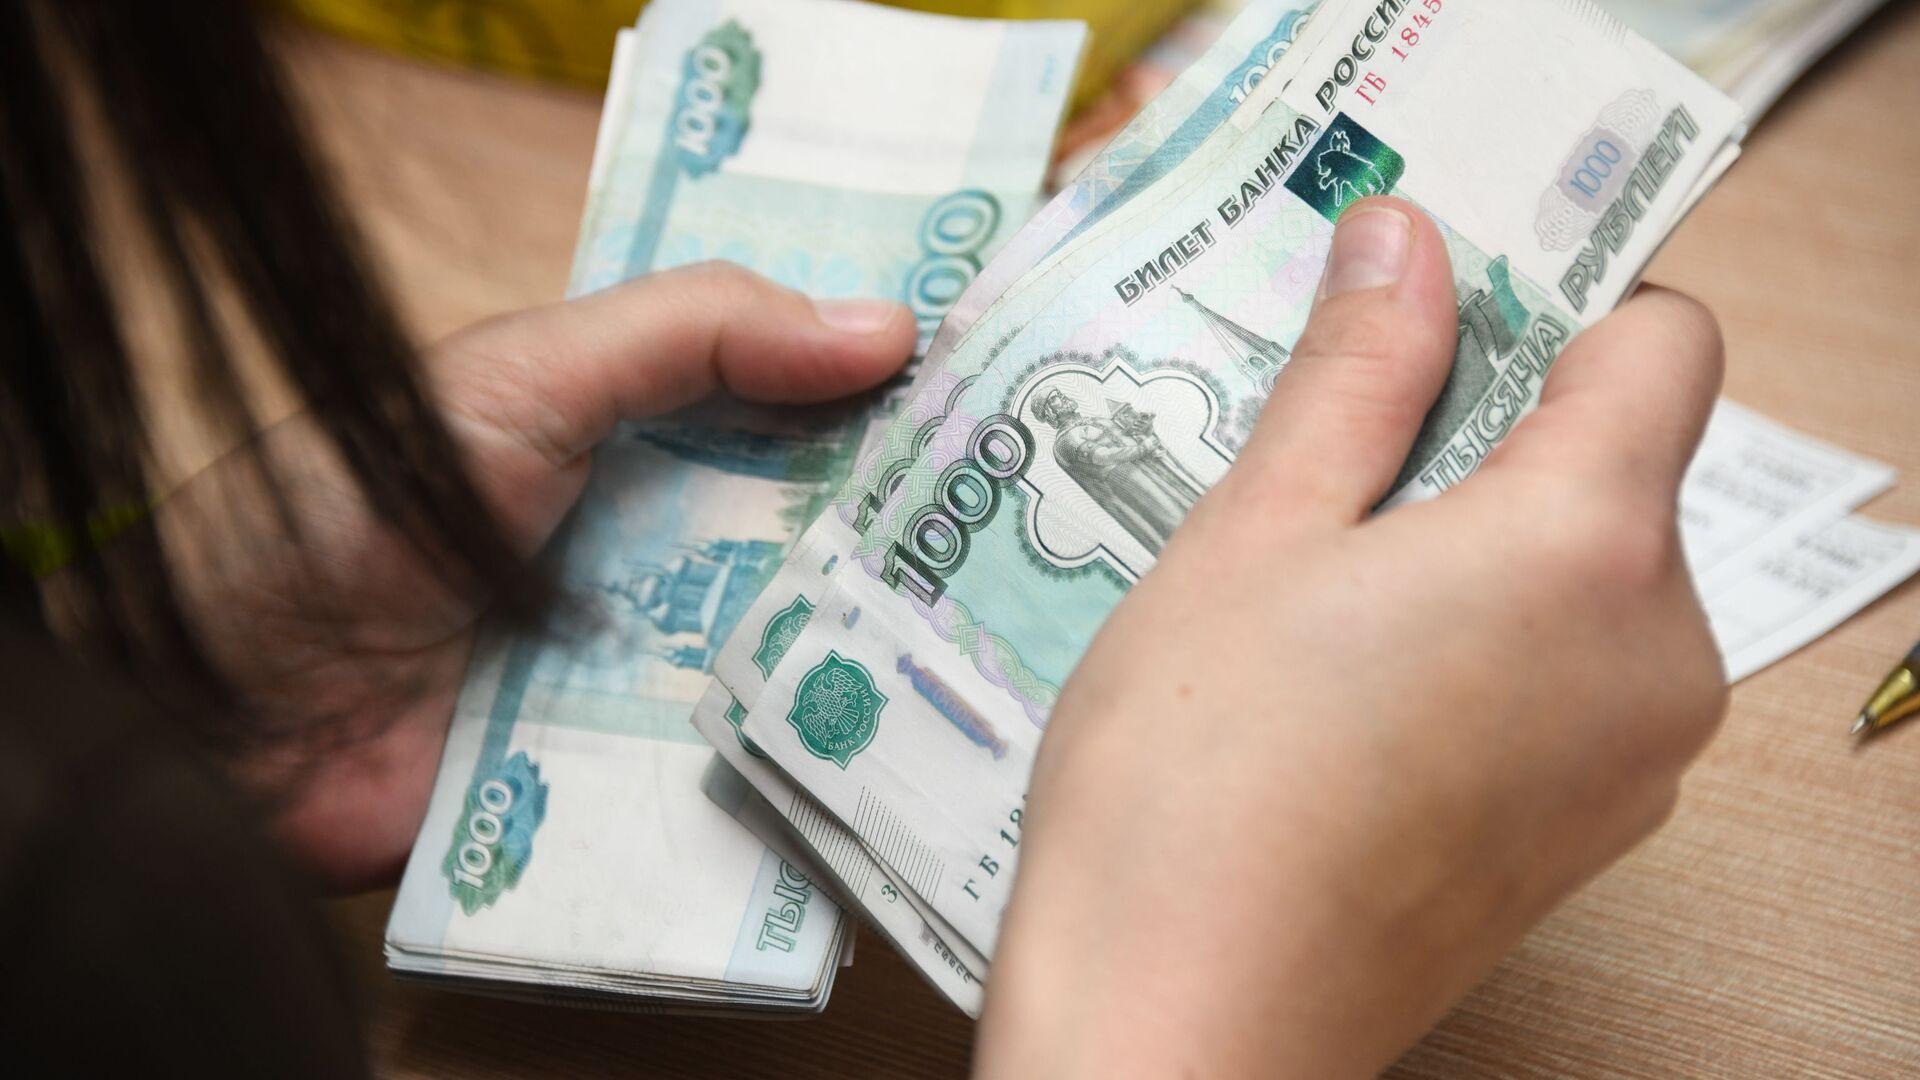 Работник почтамта пересчитывает деньги - Sputnik Узбекистан, 1920, 12.10.2021